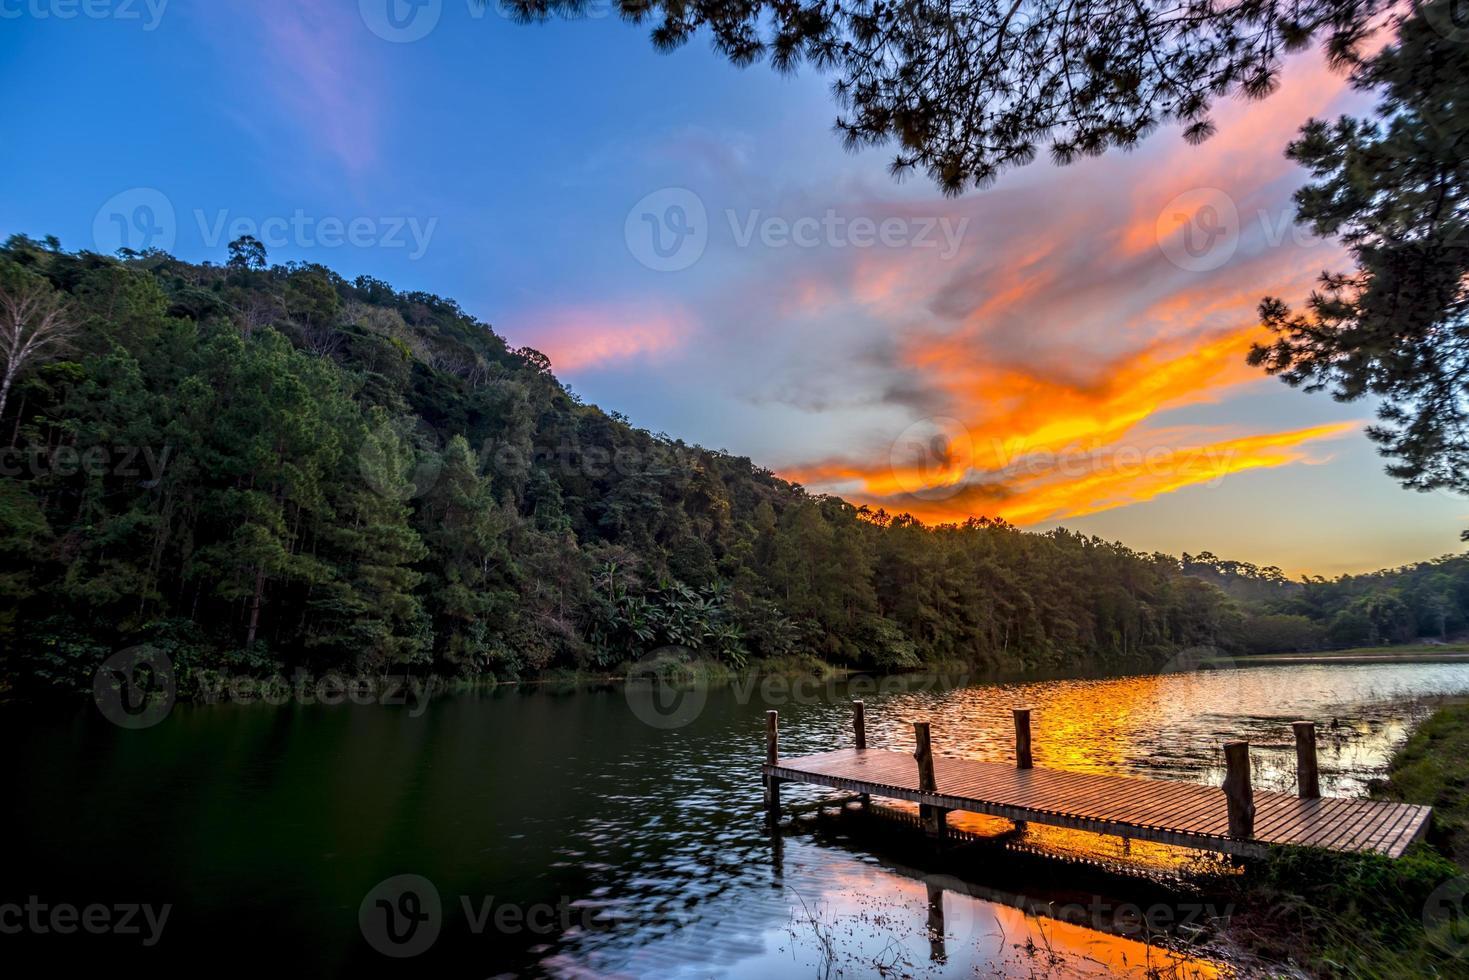 crepúsculo vista en el muelle de un lago foto